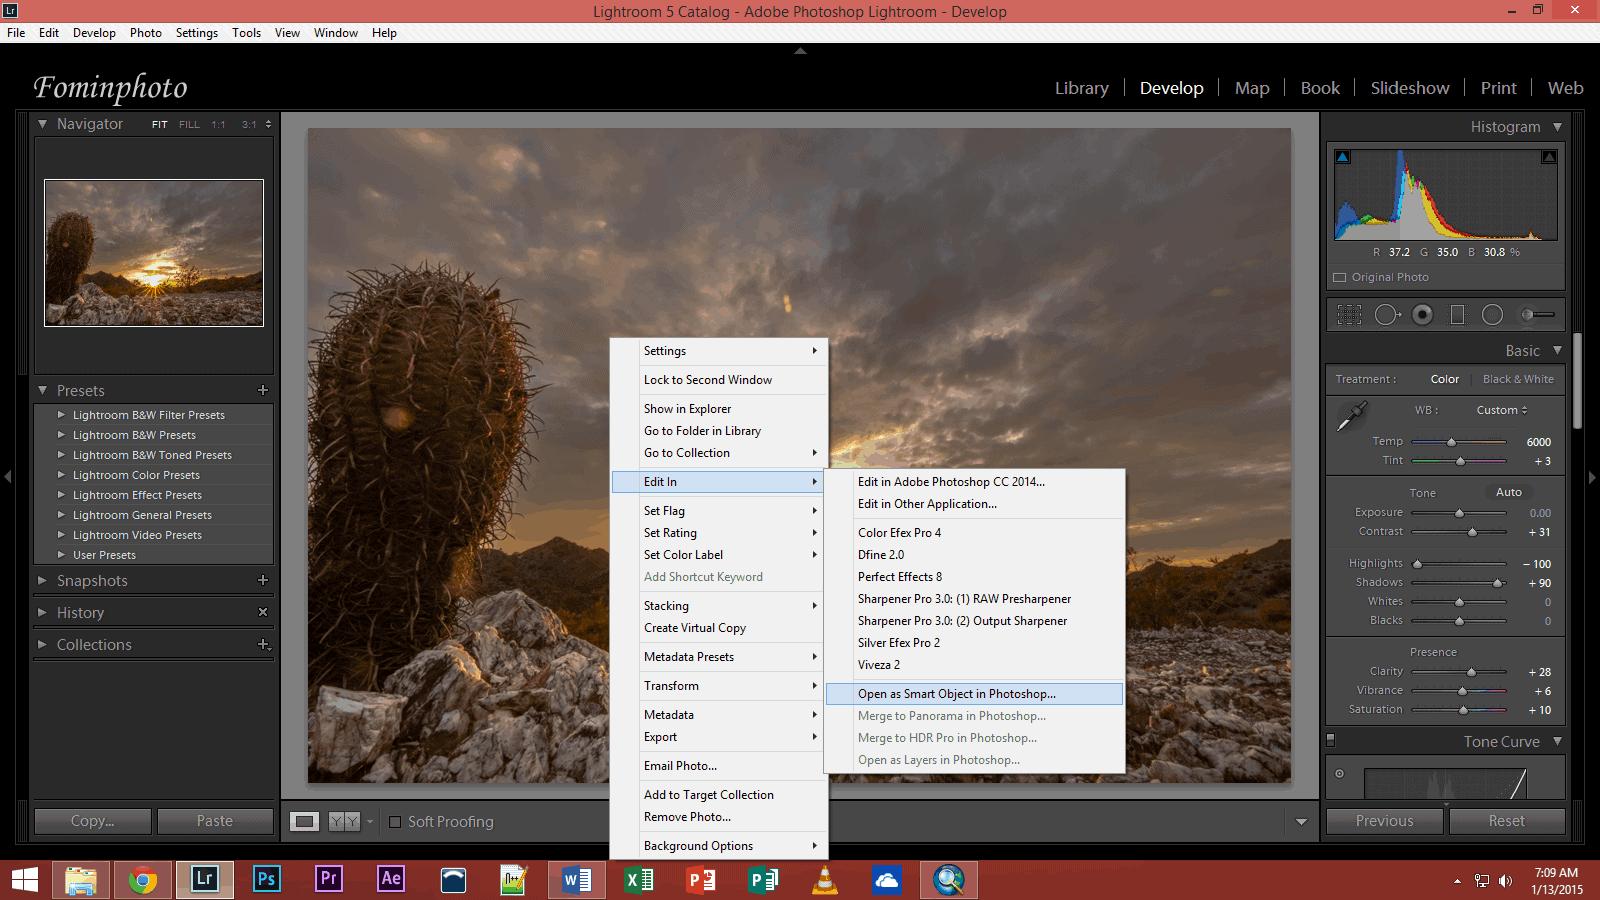 Как сохранять вшопе adobe photoshop